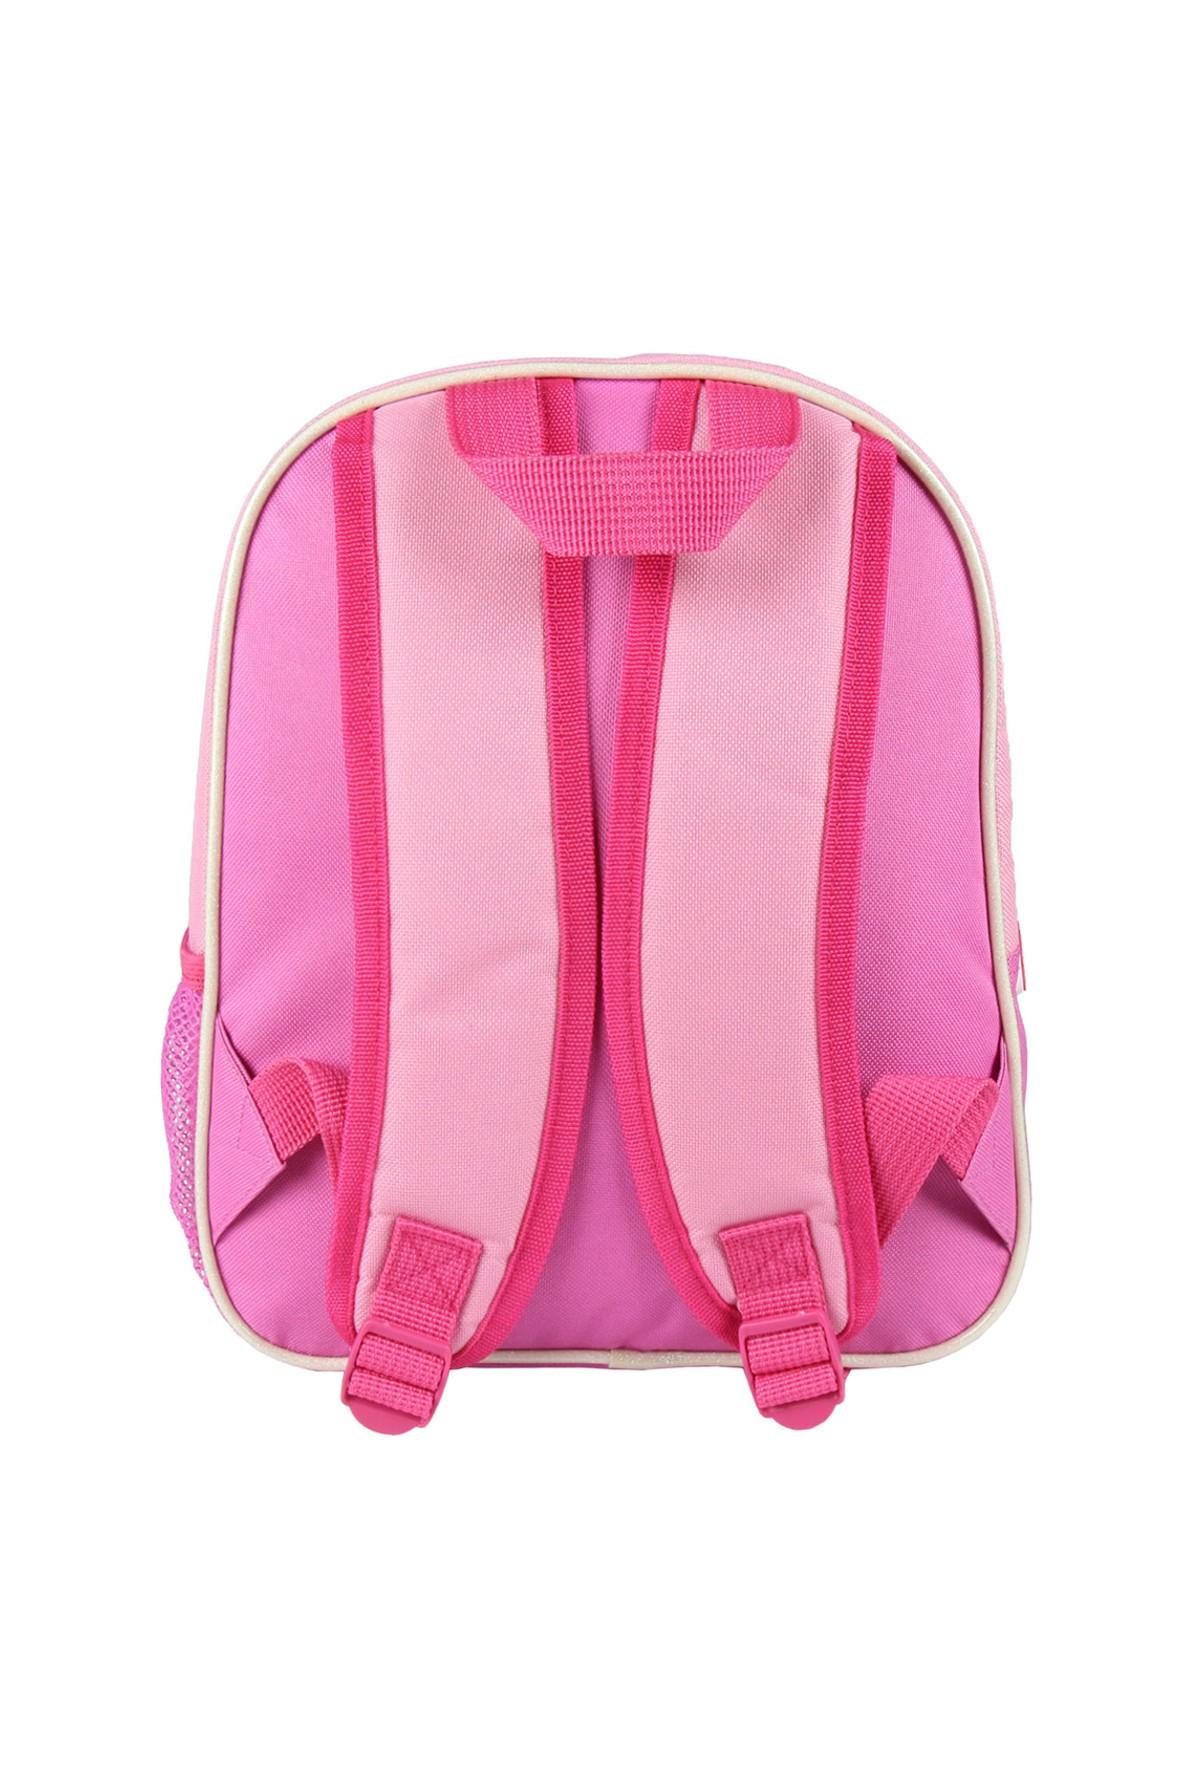 f6920f63c1fd7 Plecak dziewczęcy Minnie · Plecak dziewczęcy Minnie